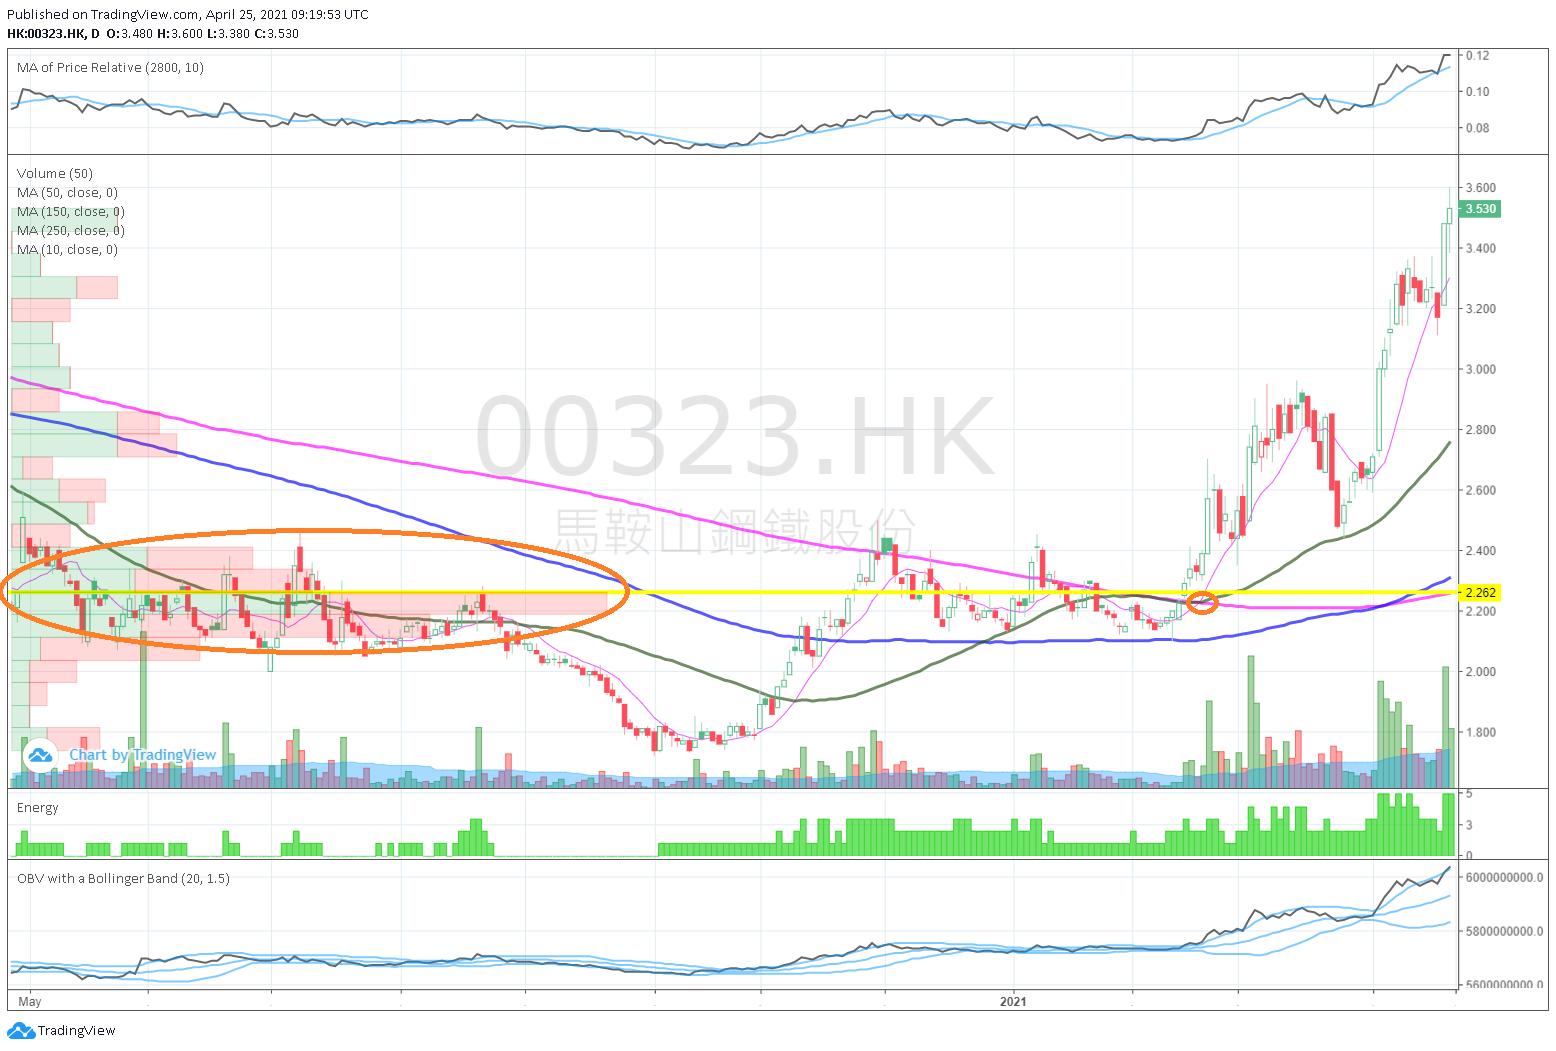 馬鞍山鋼鐵股份(323HK)